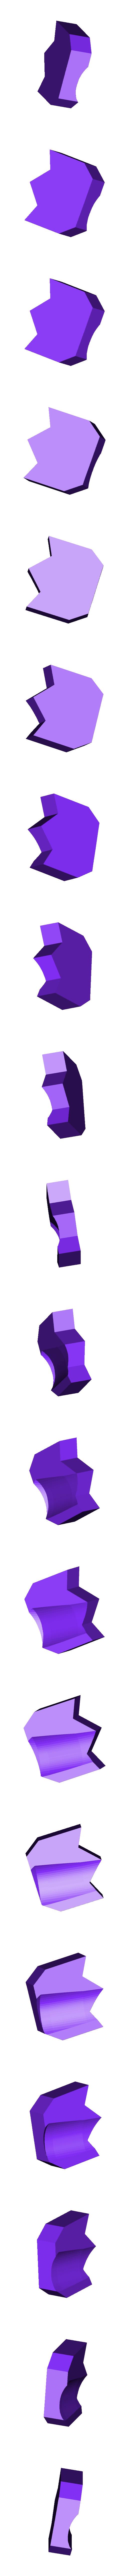 RShoulder.stl Download STL file Super Witch • 3D print template, amadorcin